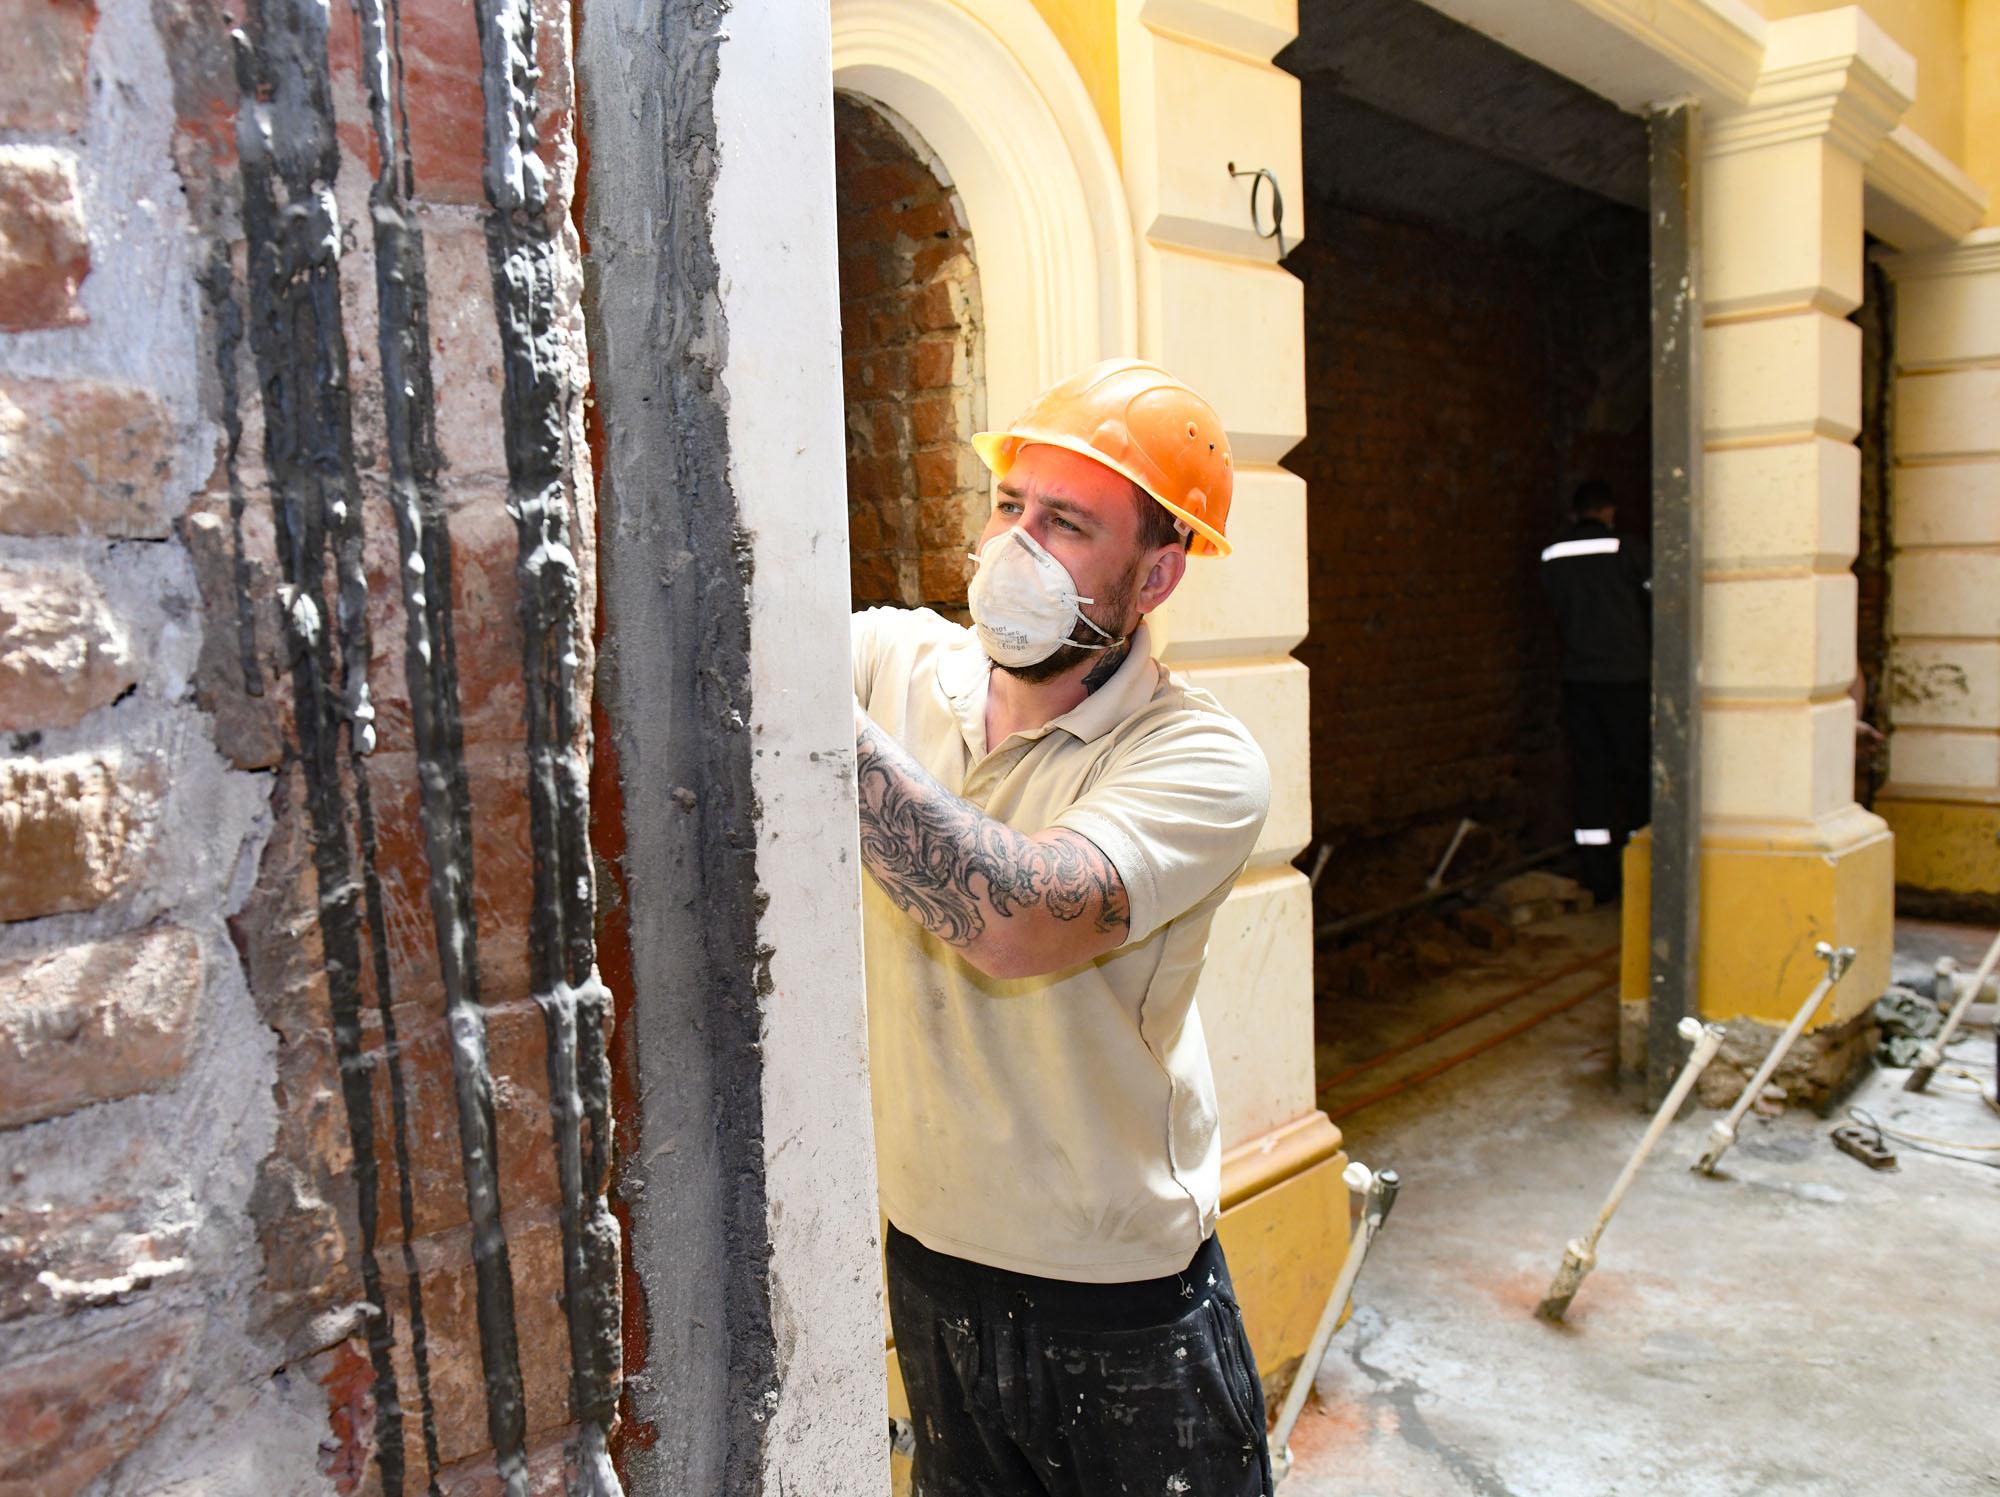 Инвестором реставрации здания выступил его собственник – директор ООО ДК «Основа» Эдуард Колтун, который приобрел дом в 2013 году.